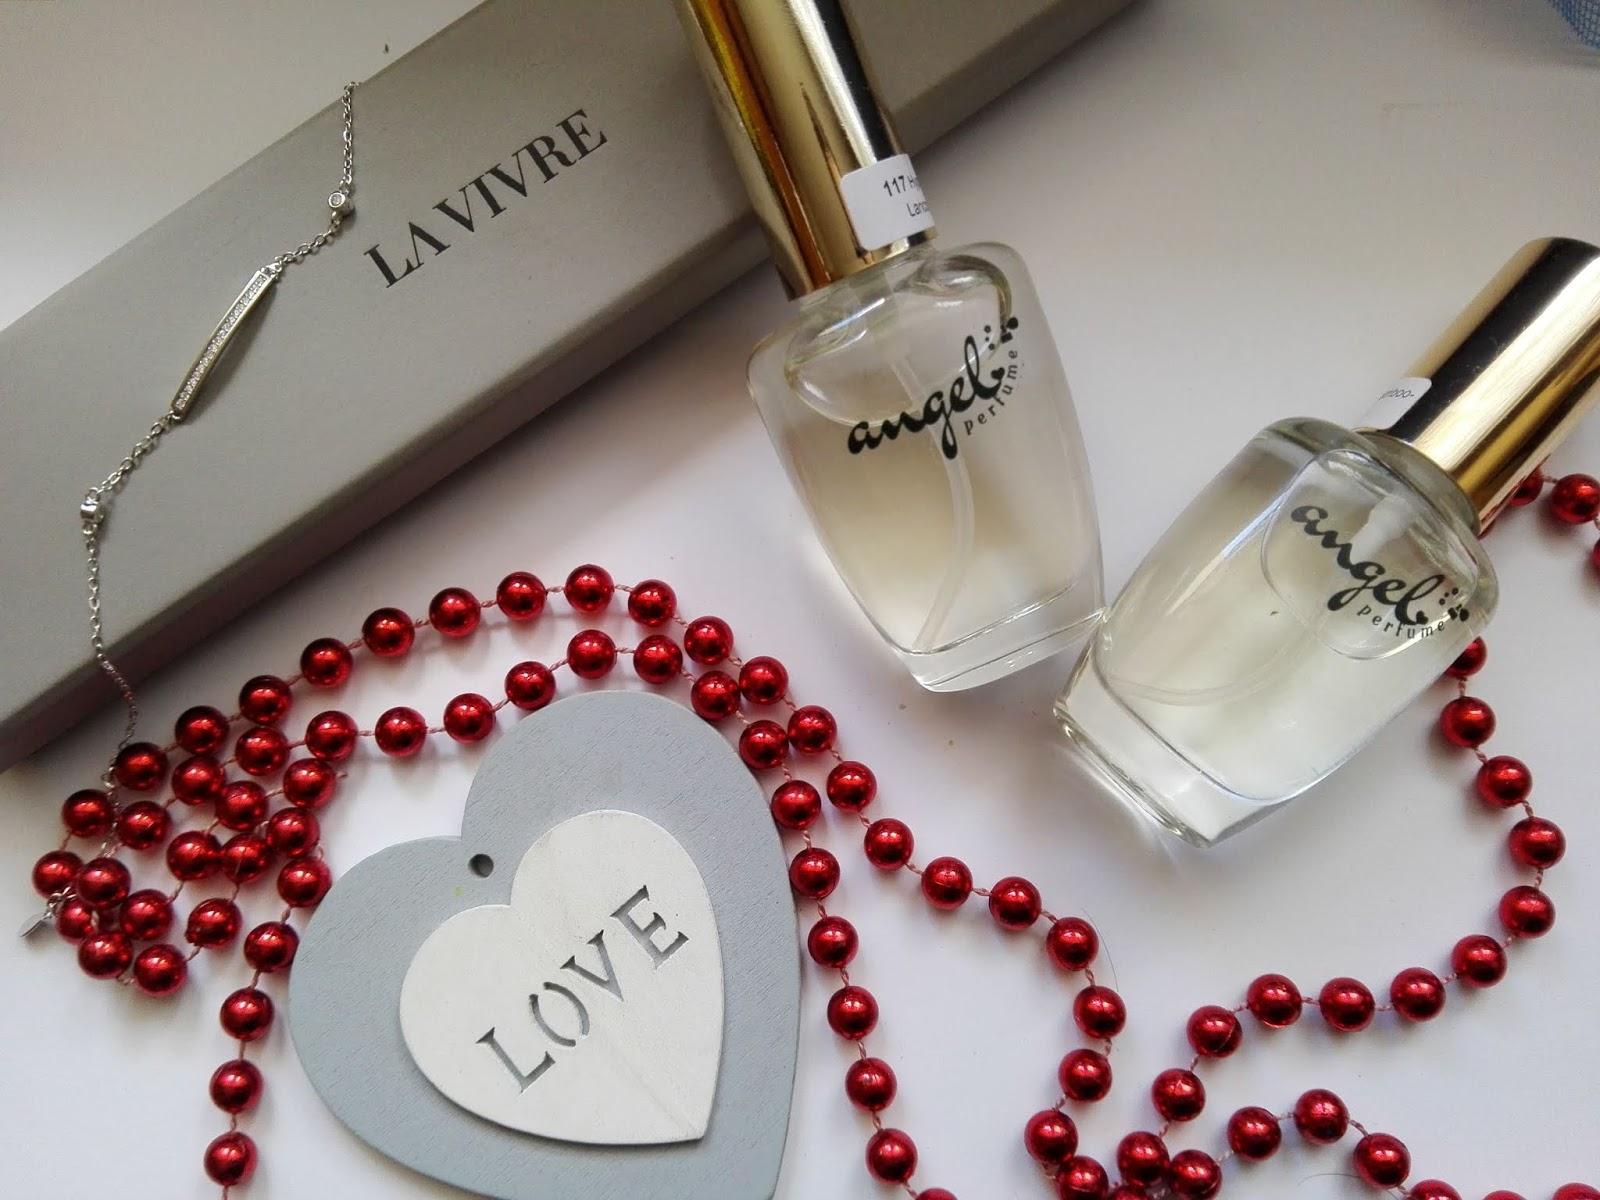 Angelowe perfumy lane - moje wiosenne wybory